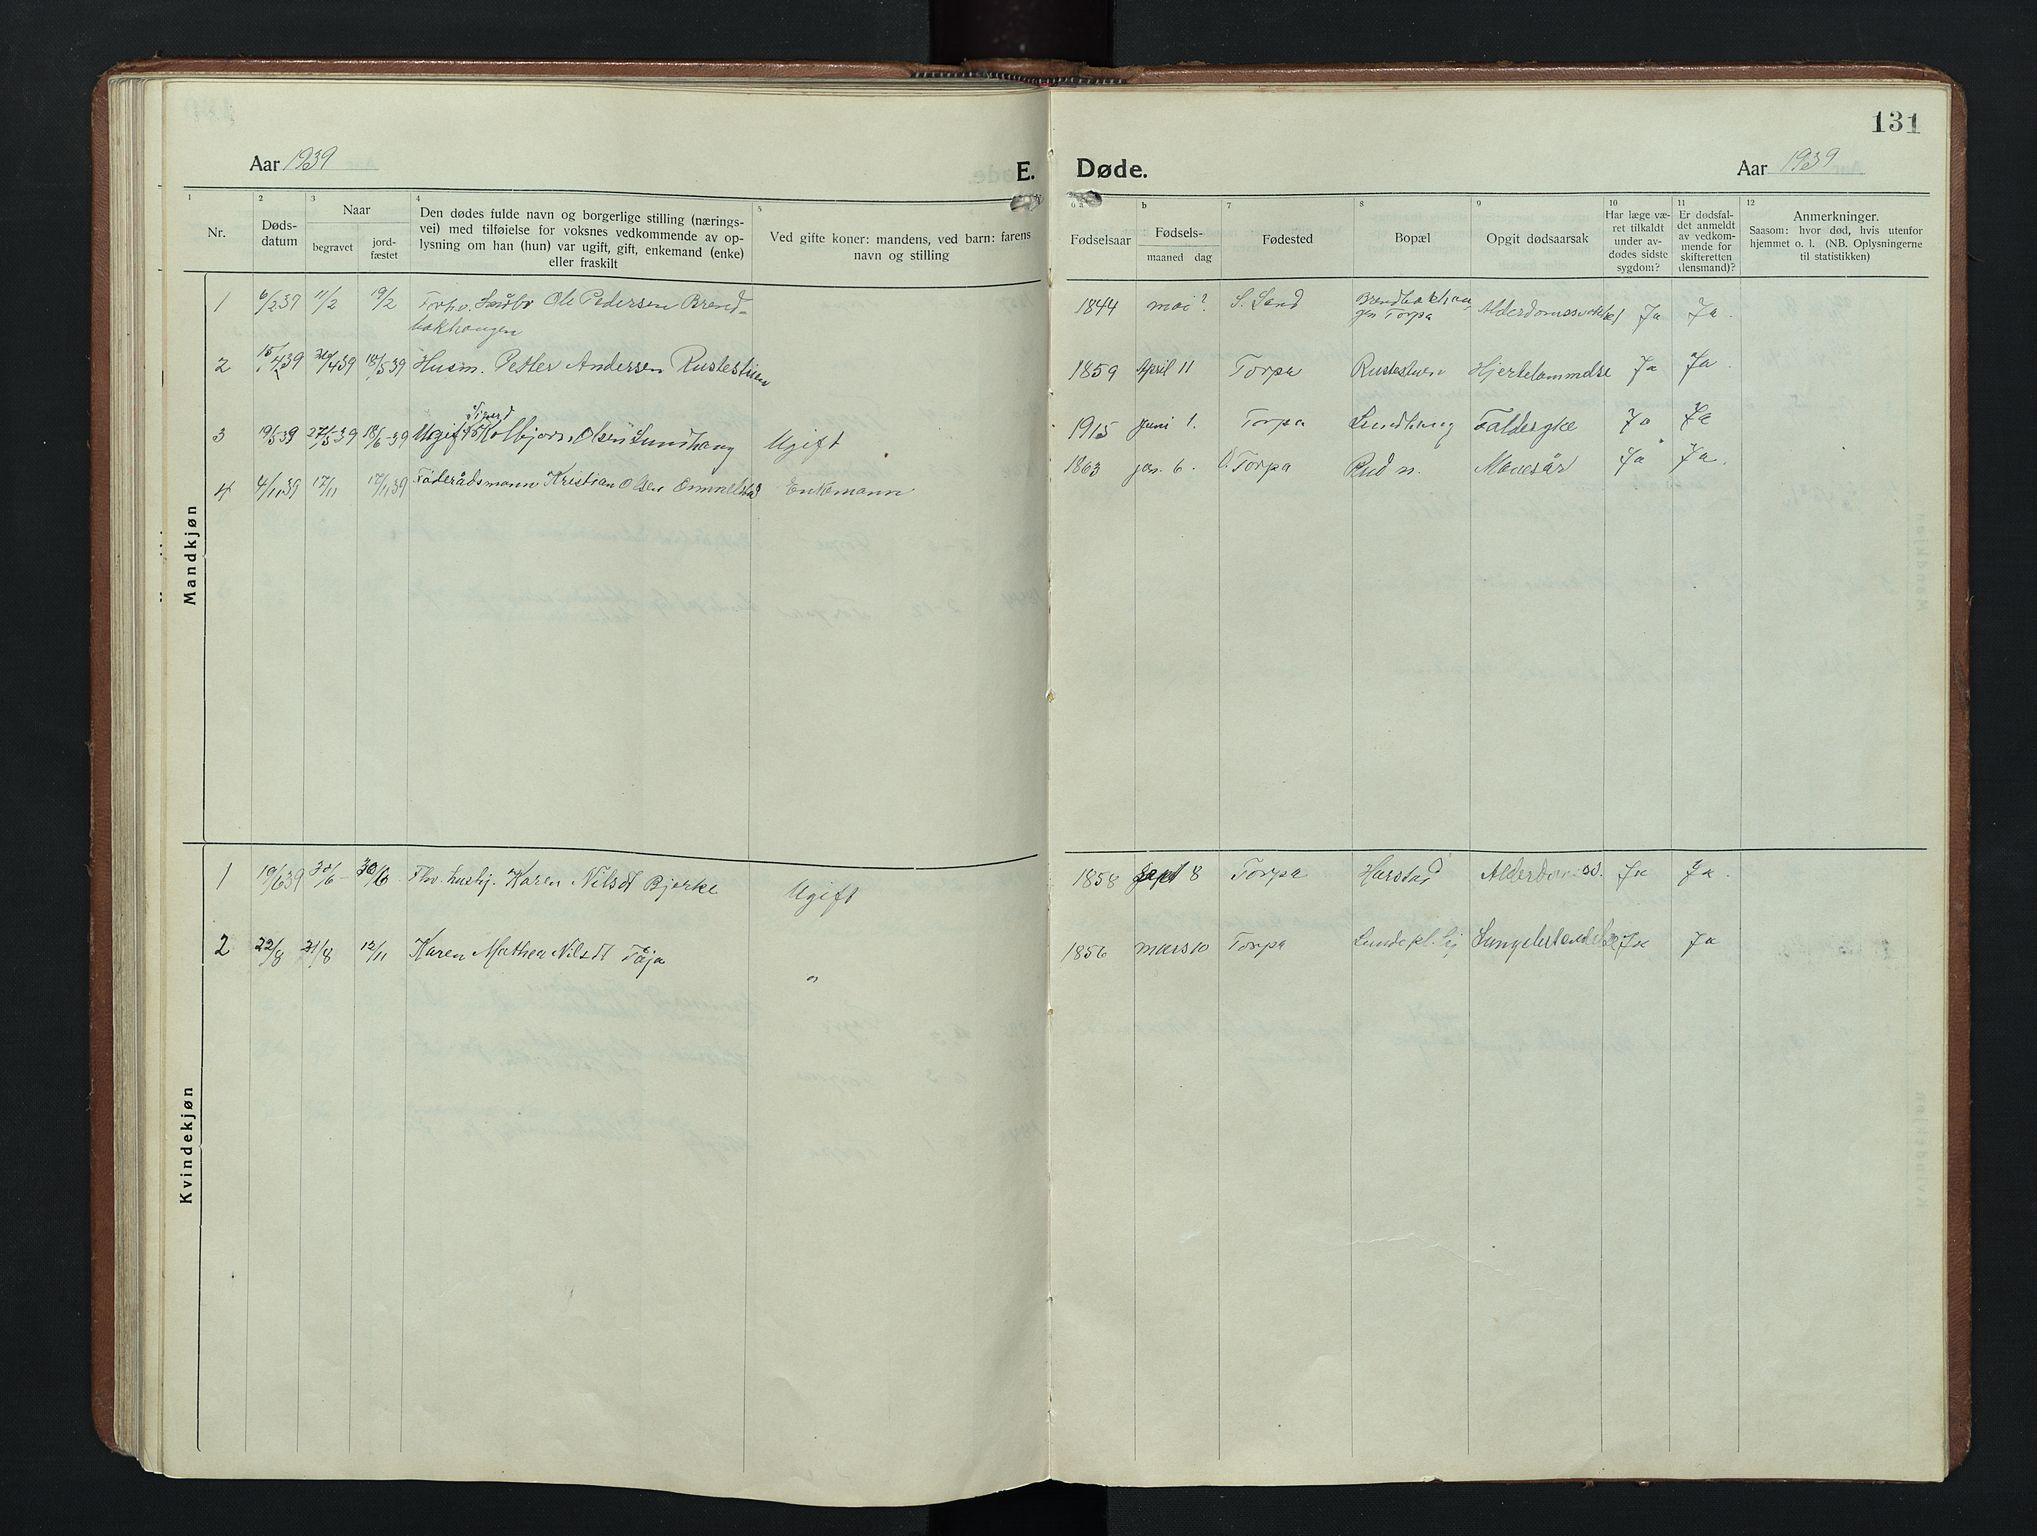 SAH, Nordre Land prestekontor, Klokkerbok nr. 9, 1921-1956, s. 131